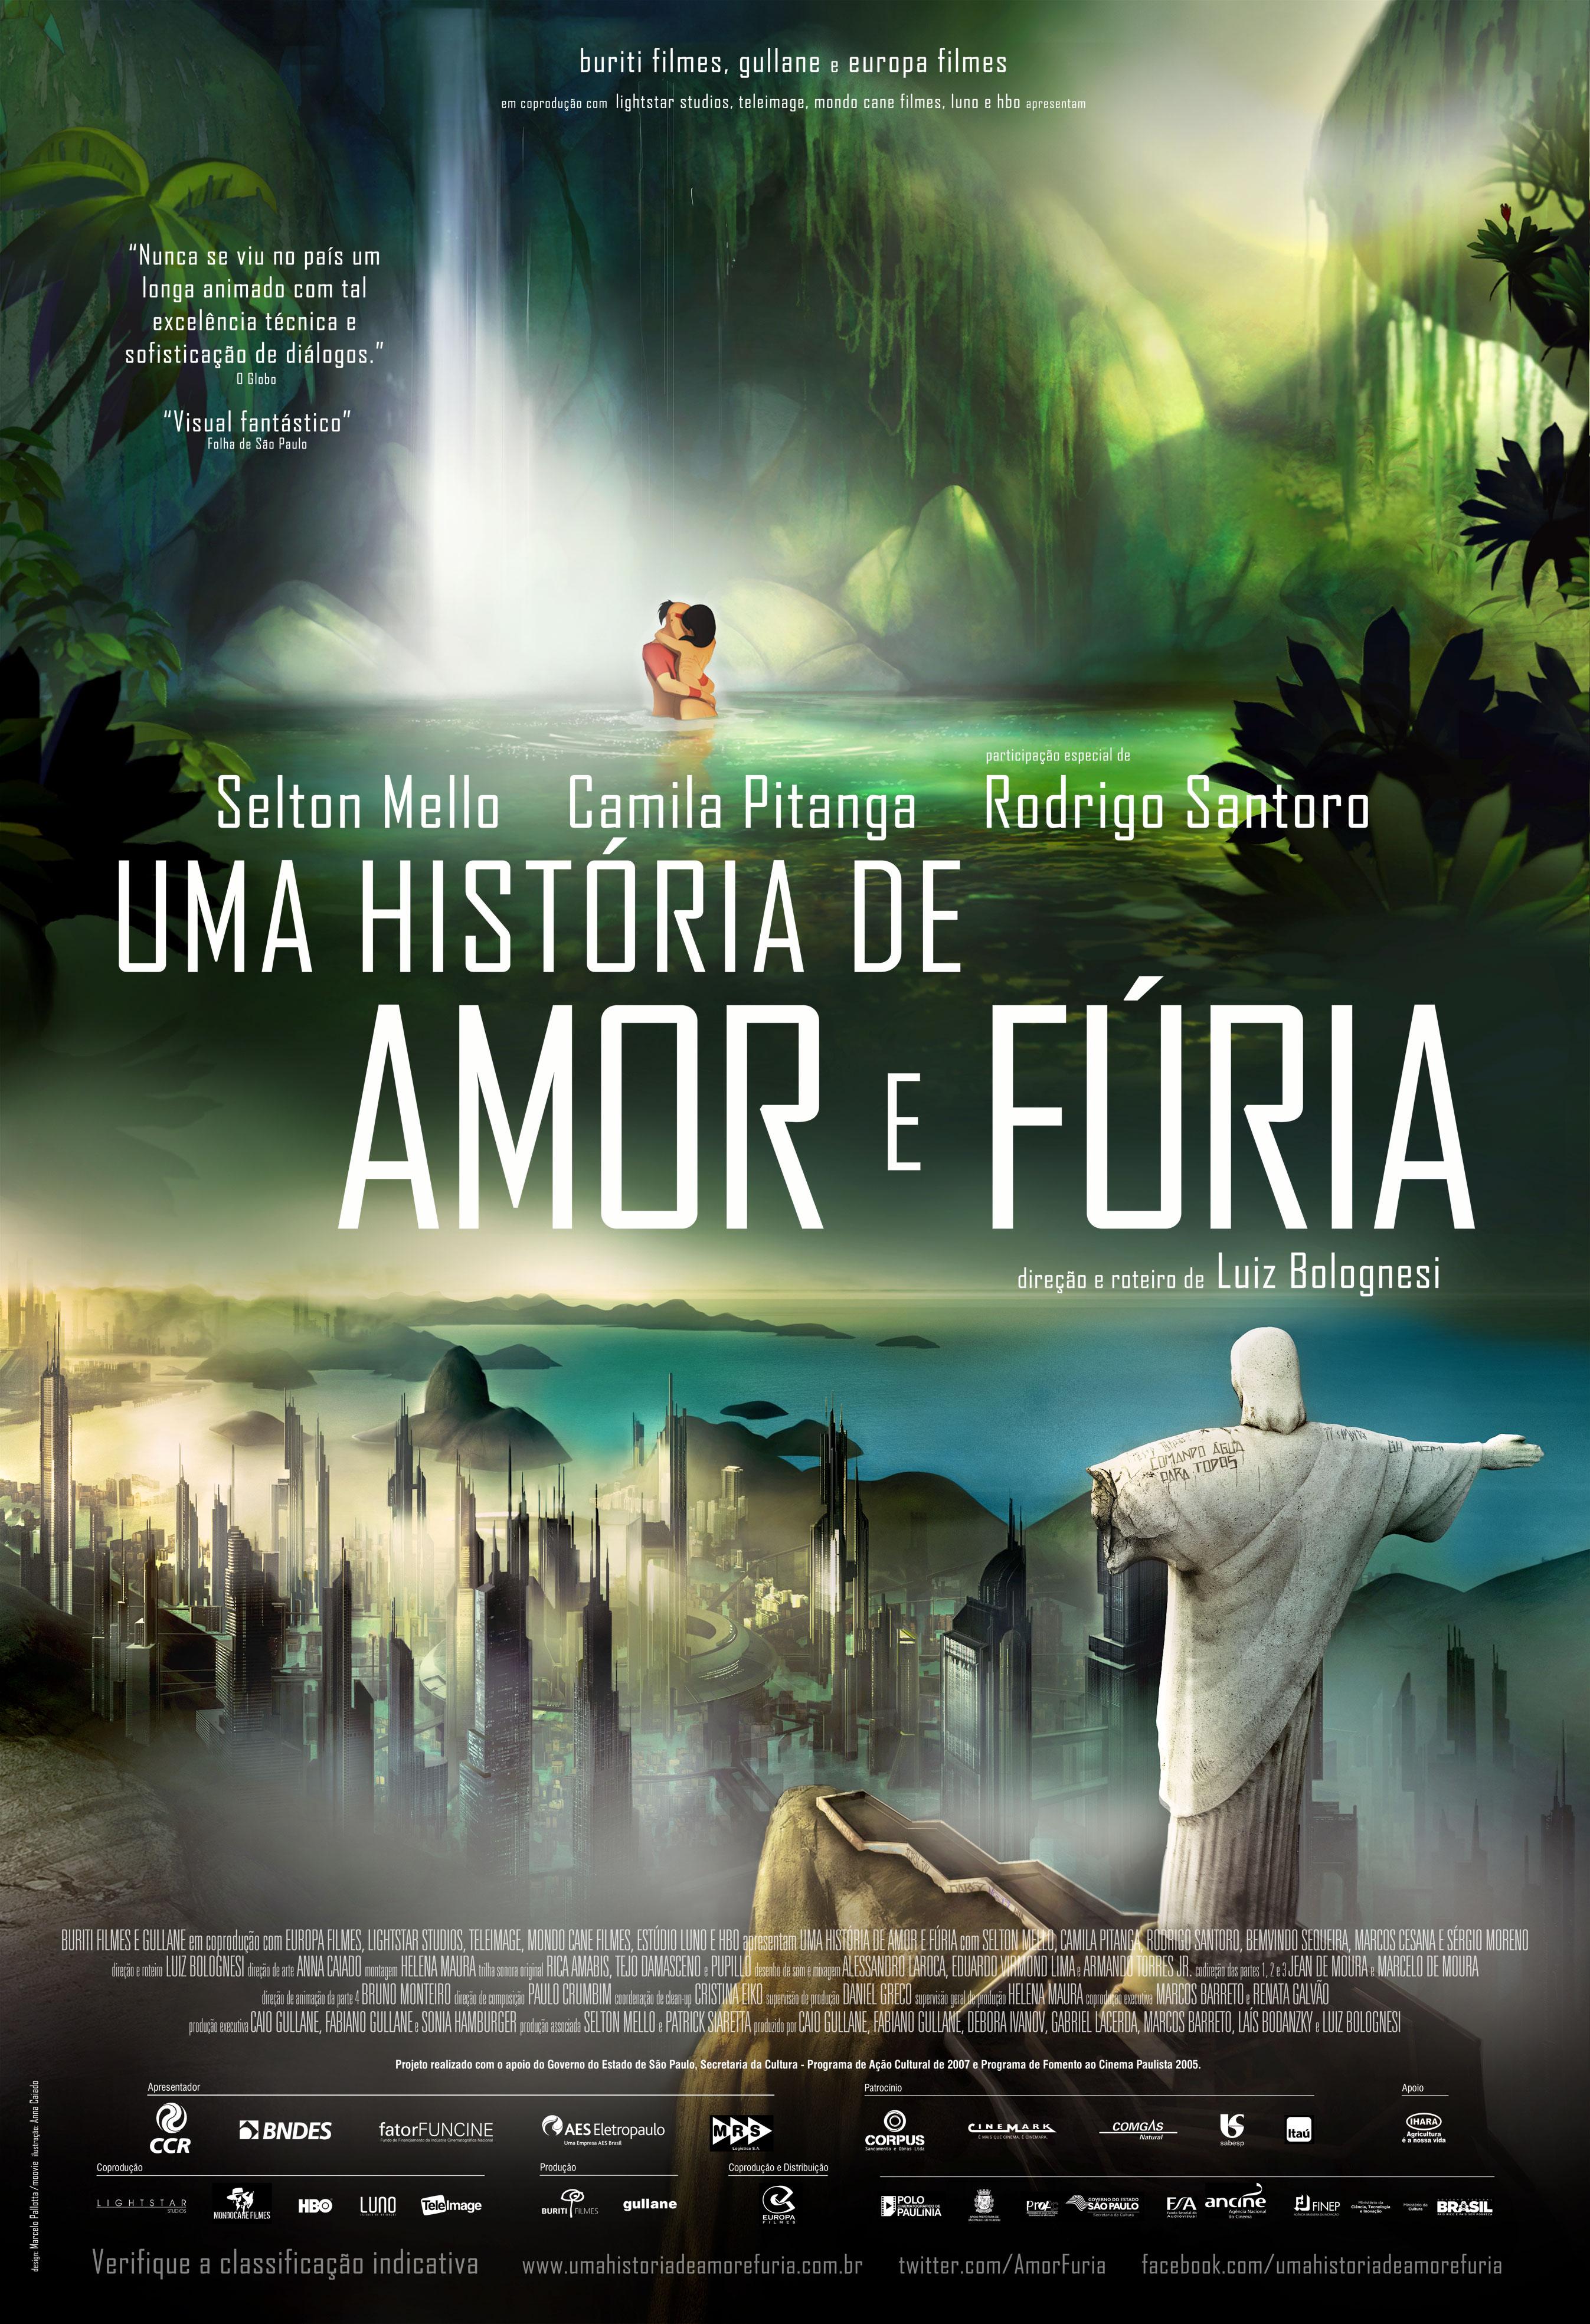 плакат фильма постер Рио 2096: Любовь и ярость*